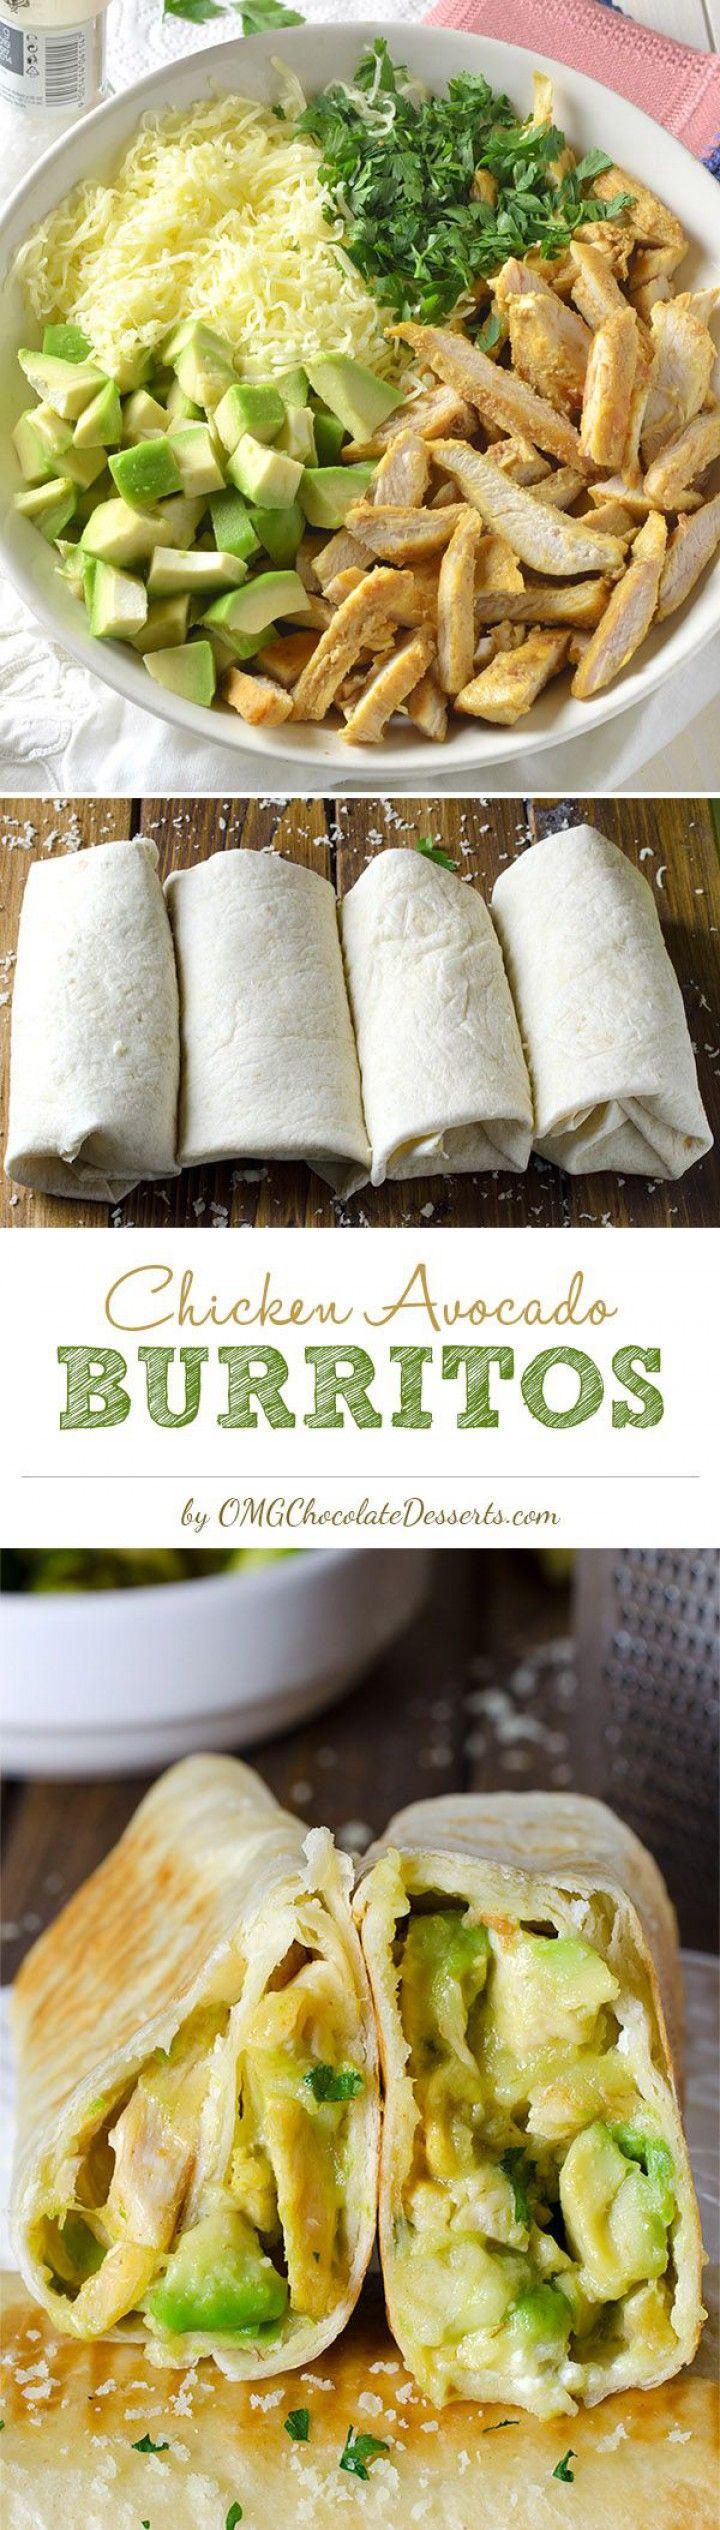 Healthy Recipe | Chicken Avocado Burritos « Pin Peer